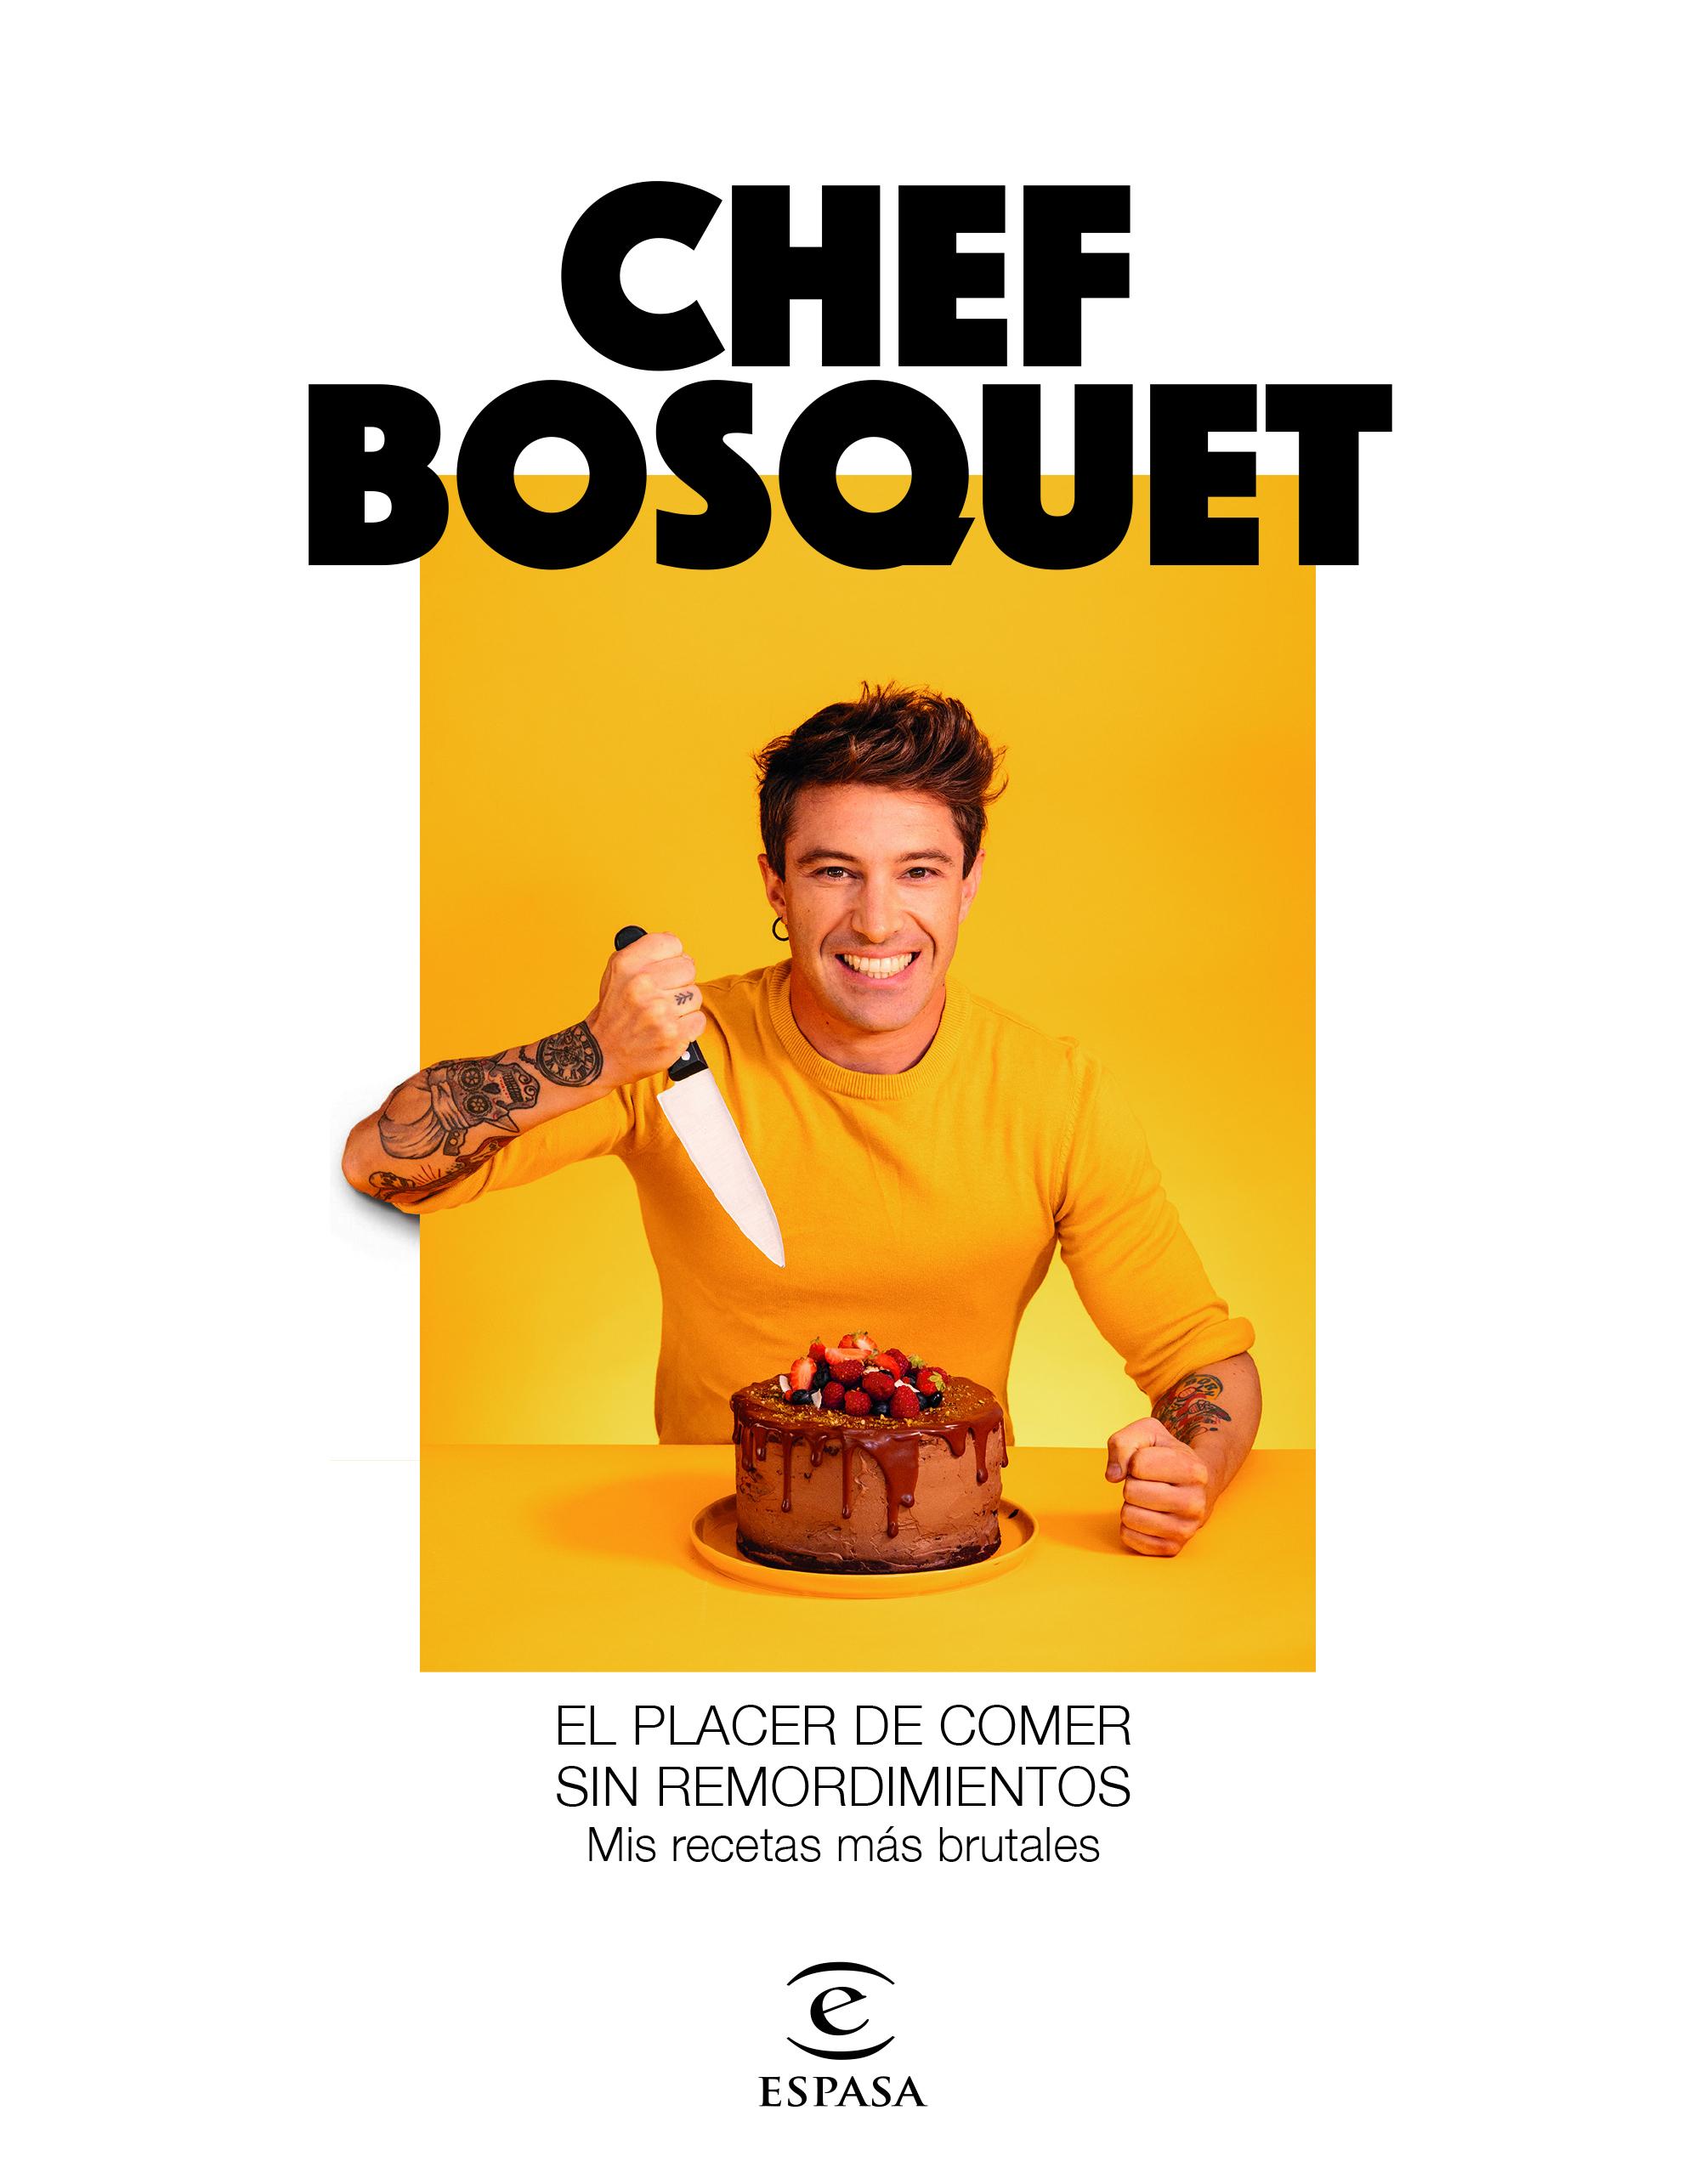 El placer de comer sin remordimientos. Mis recetas más brutales. Roberto Bosquet.